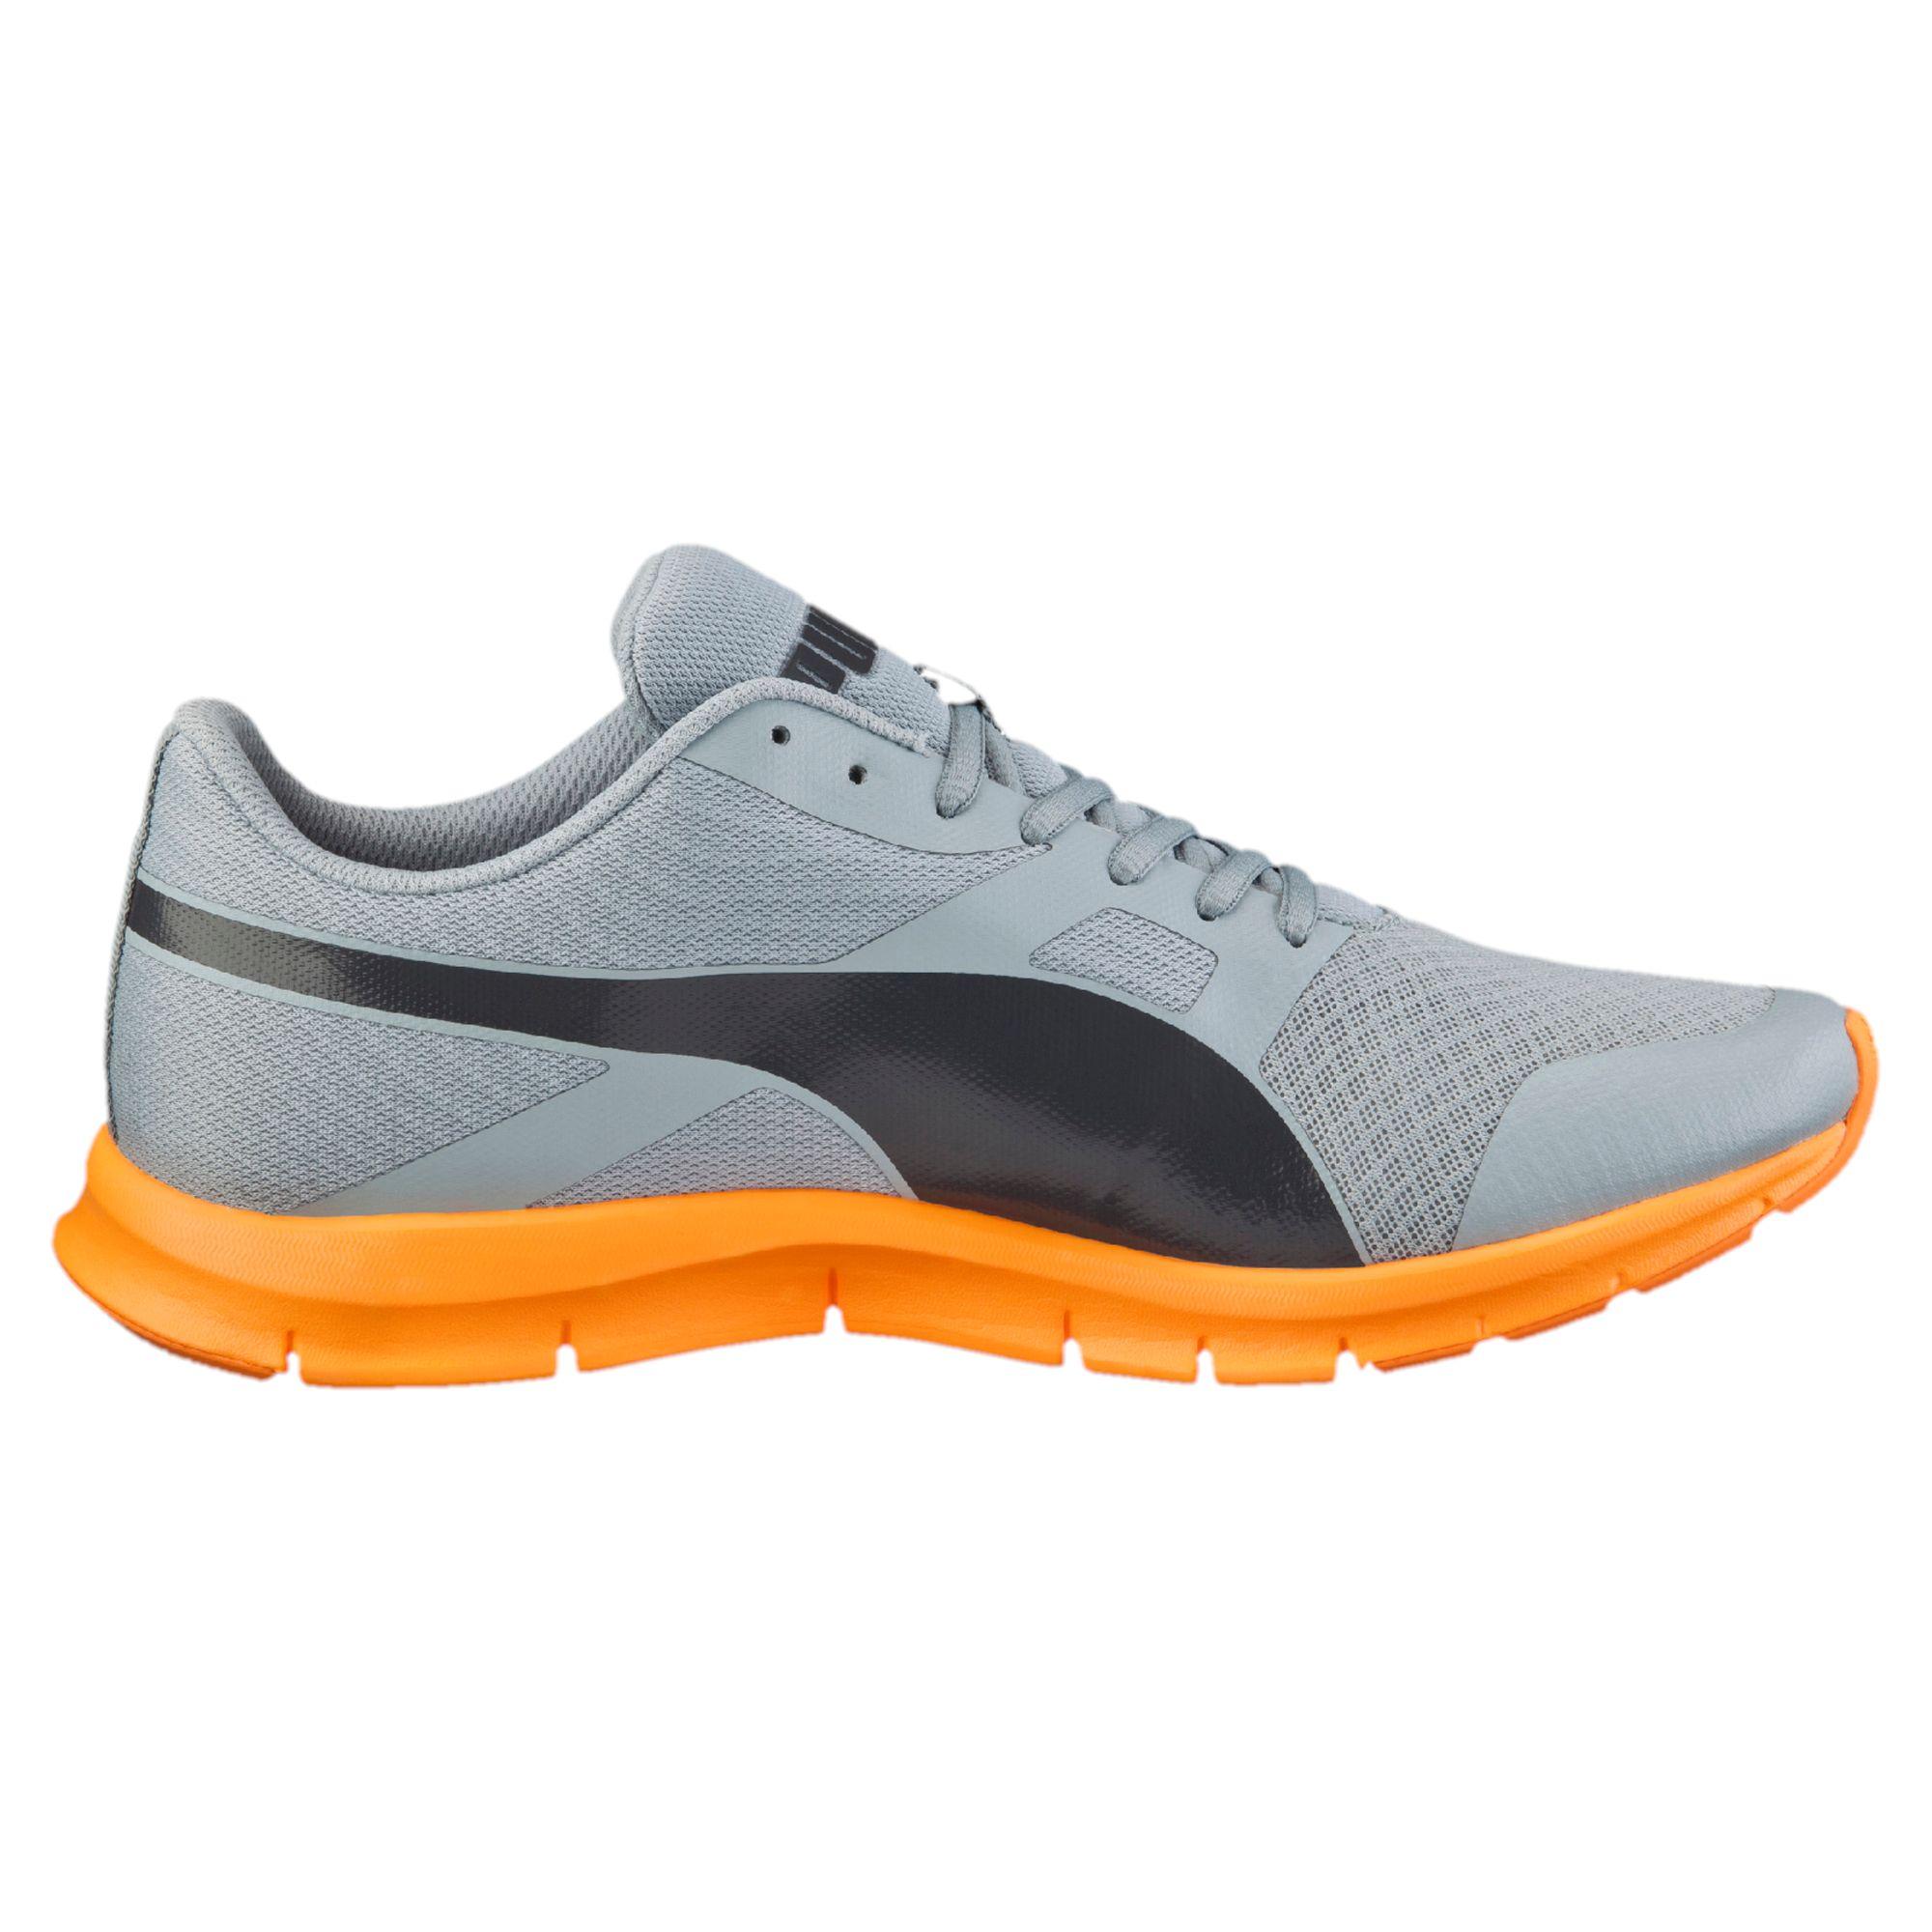 Puma Flexracer Men' Running Shoes